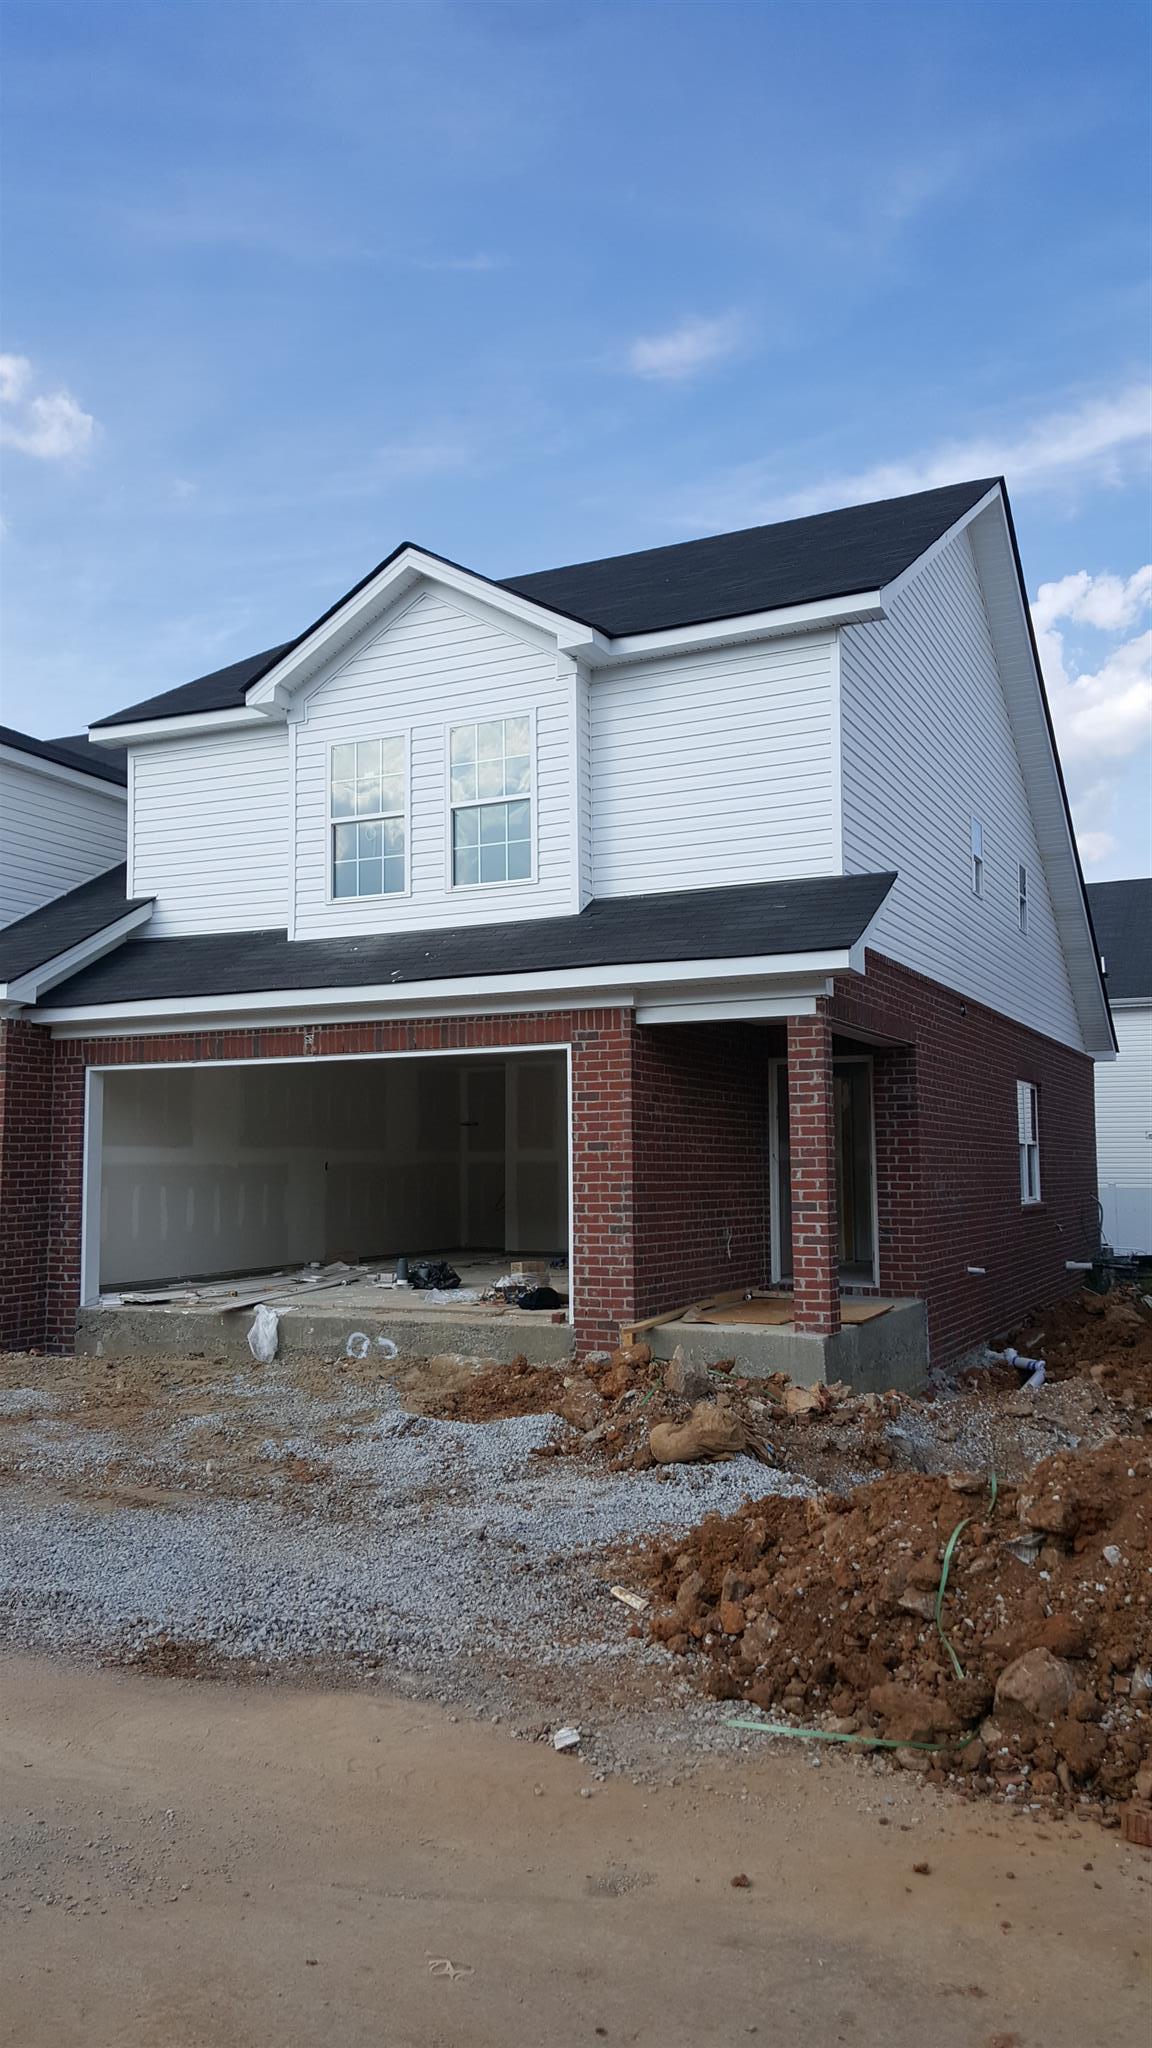 Photo of 4711 Chelanie Circle 93  Murfreesboro  TN